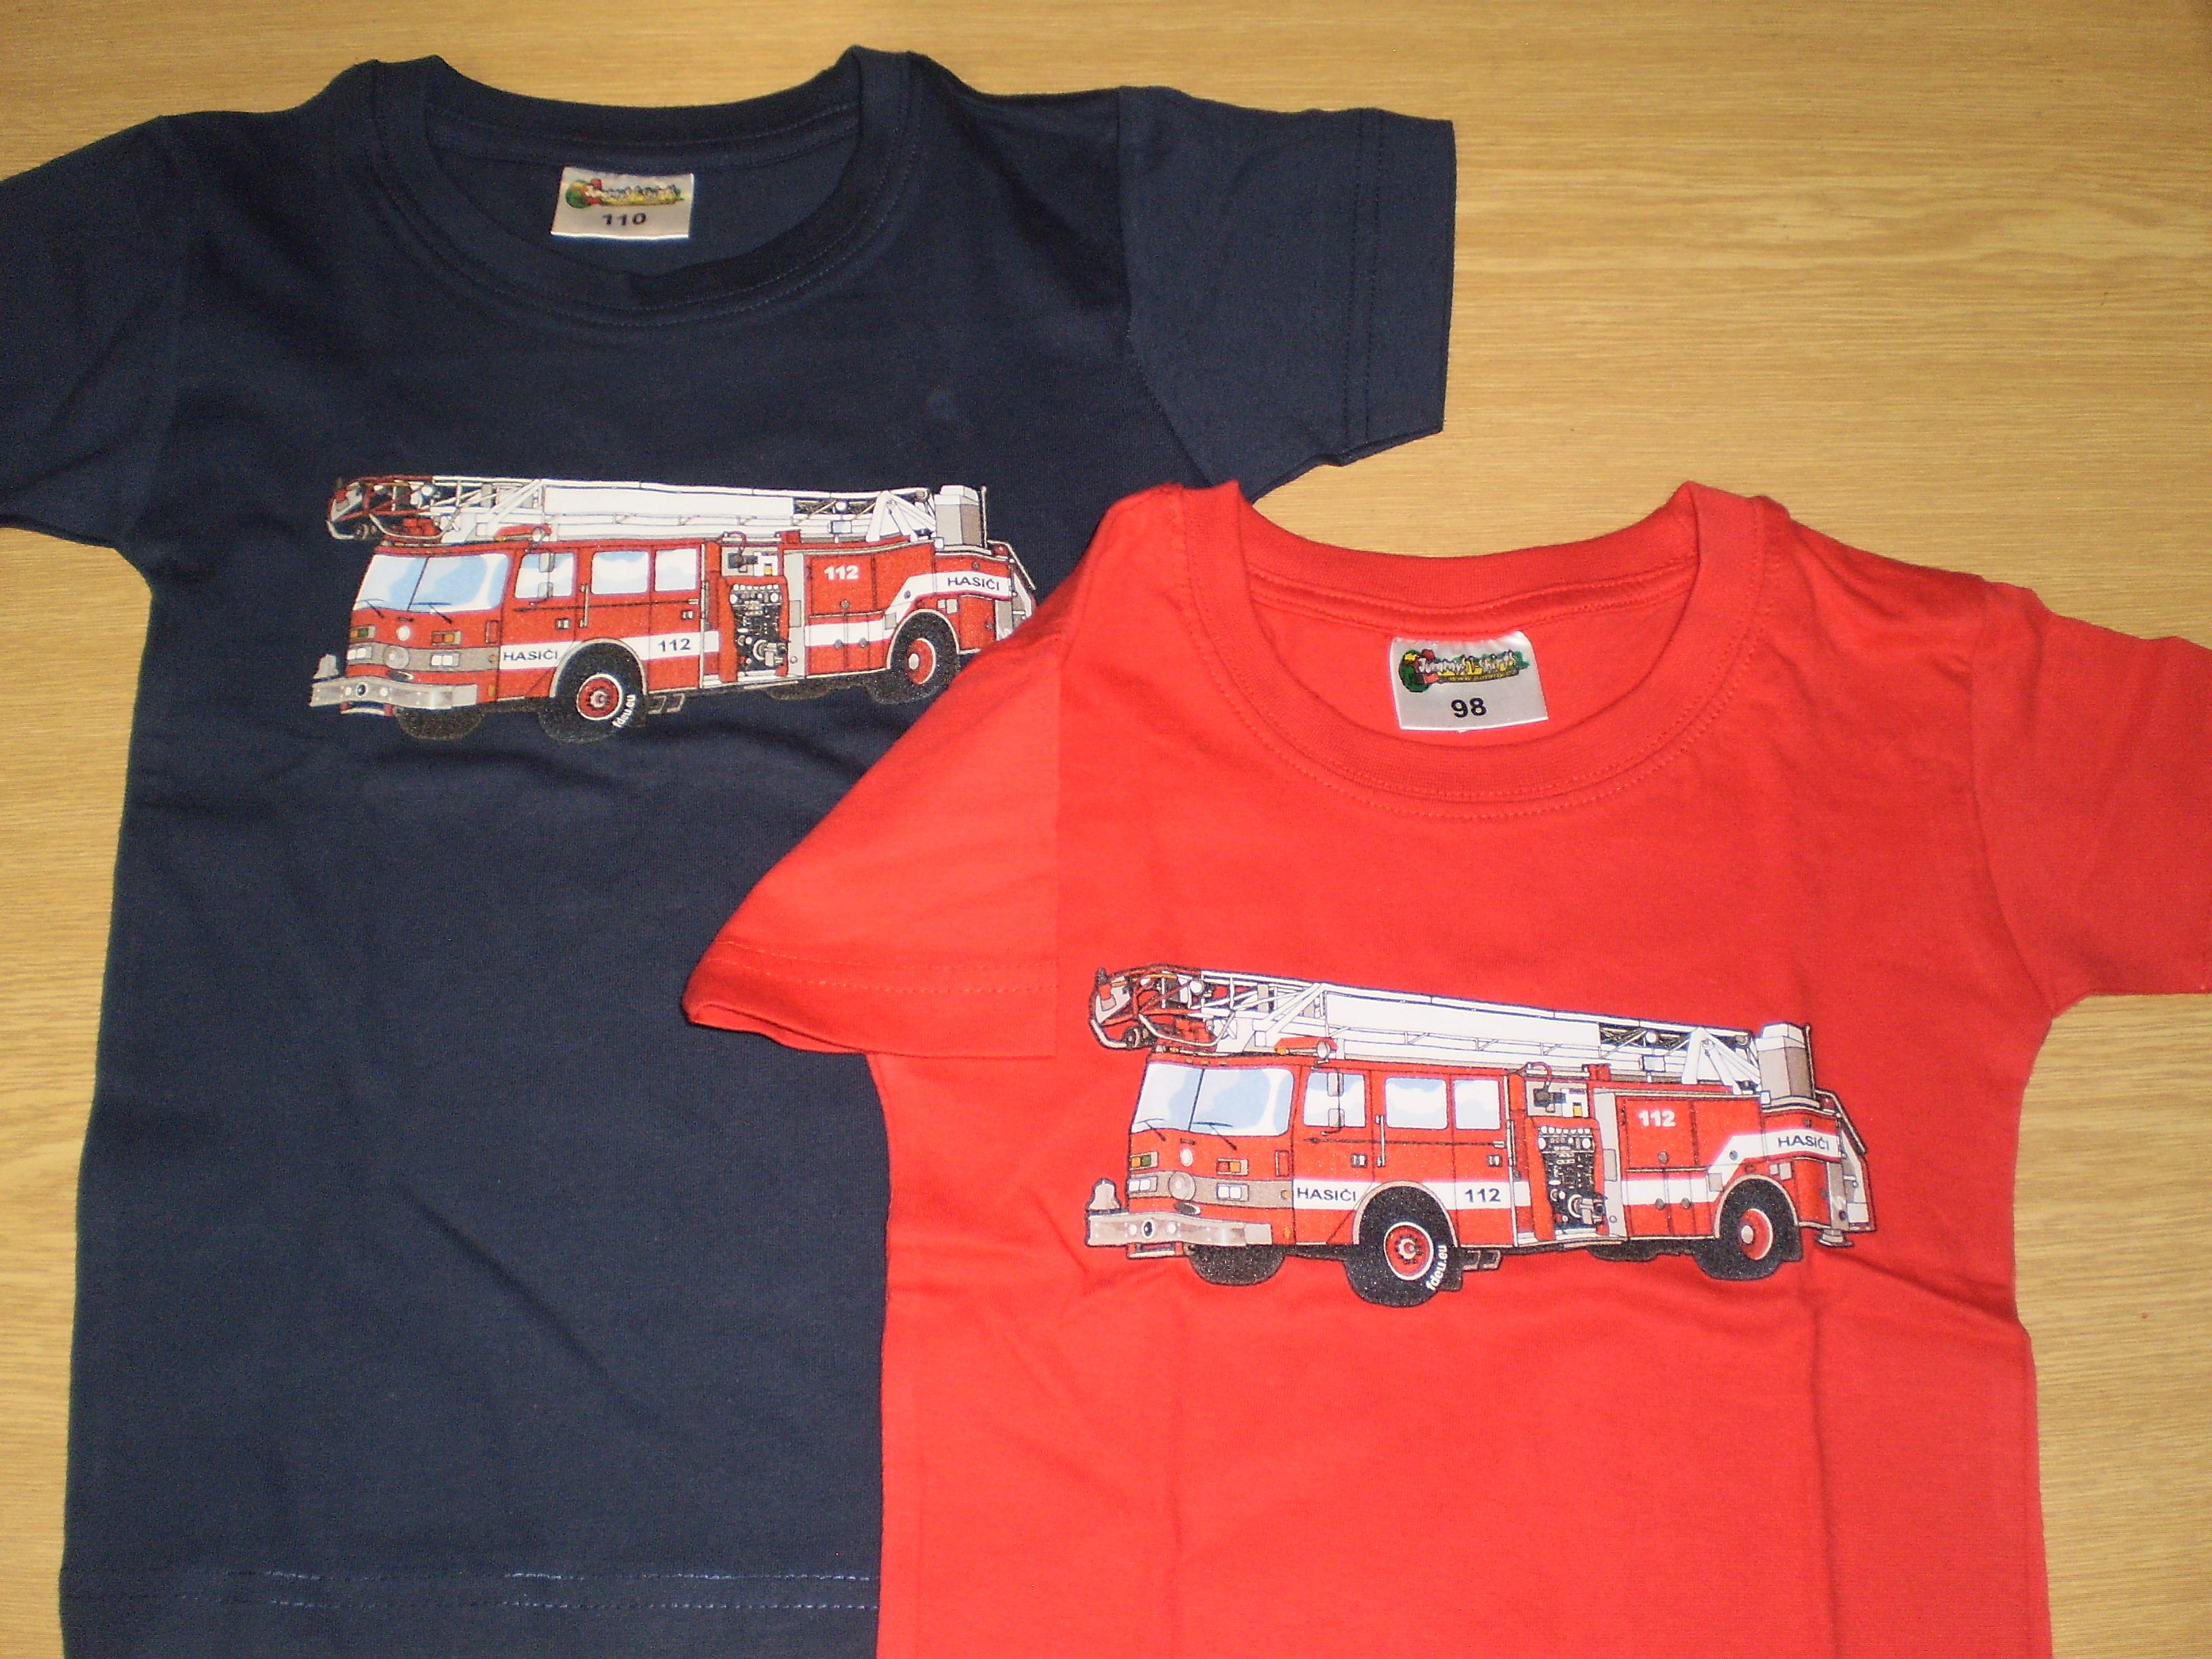 b71d774edc1 Dětské tričko s potiskem hasičského auta - žebříku